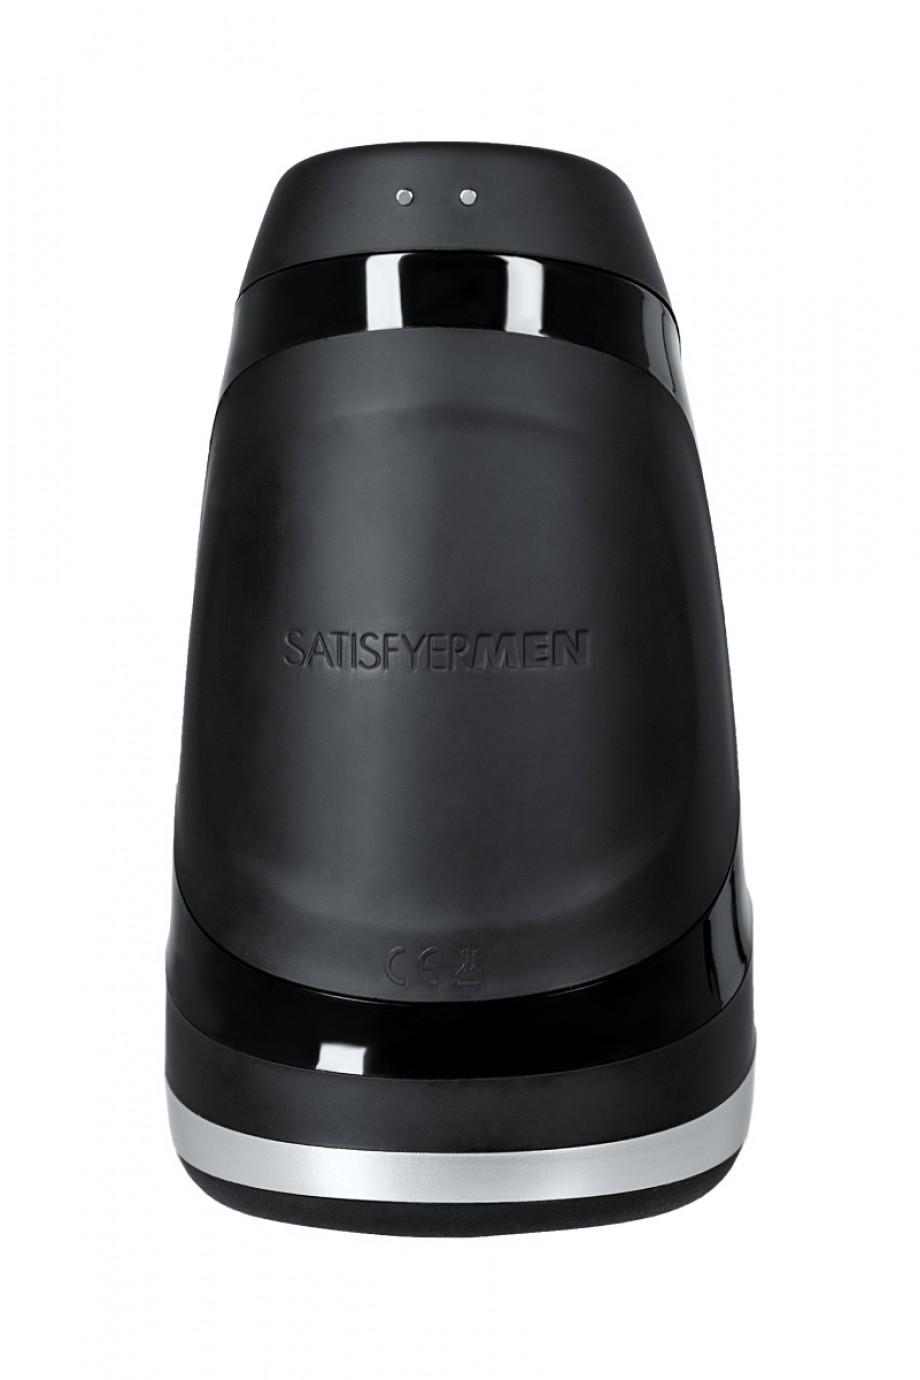 Инновационный Мастурбатор SATISFYER MEN HEAT VIBRATIОN, нагрев-3 режима, 14 режимов вибрации, 2 мощных моторчика, силикон +ABS пластик, 14х8,2х7,8 см